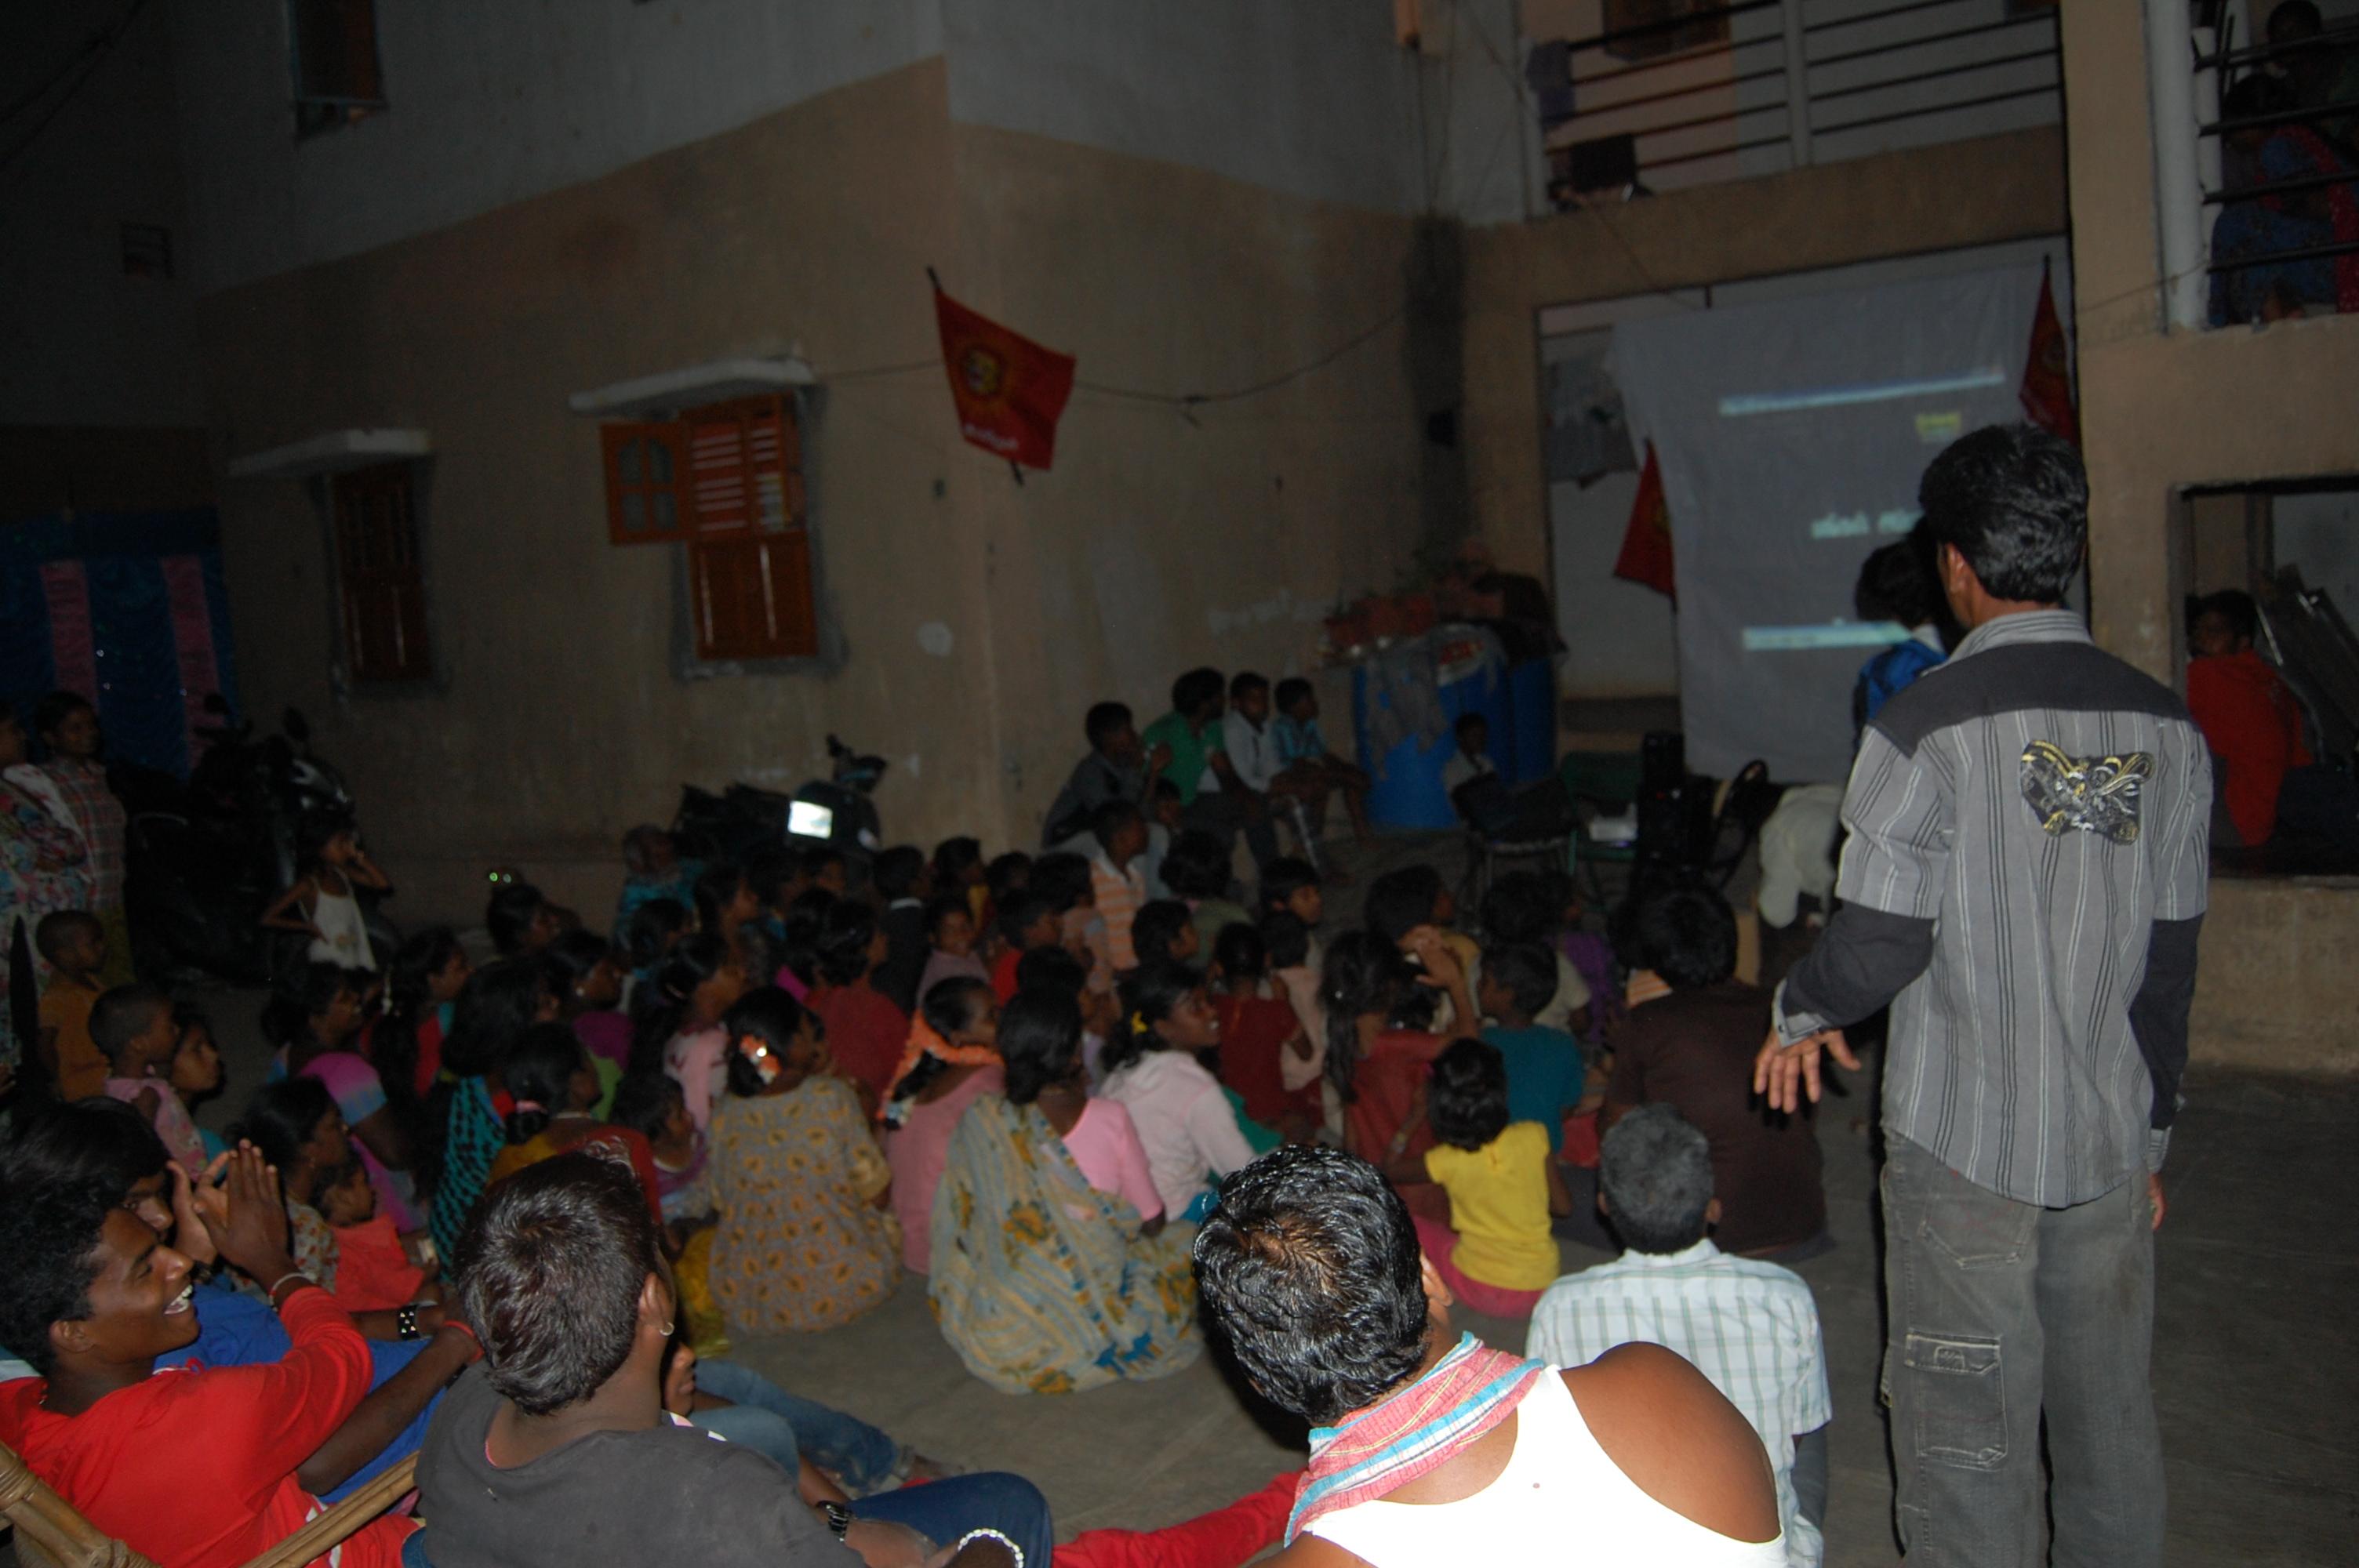 பெங்களூர் ராஜா ரதிச்வரி குப்பத்தில்  கொள்கை விளக்க பிரச்சாரம். DSC 5283